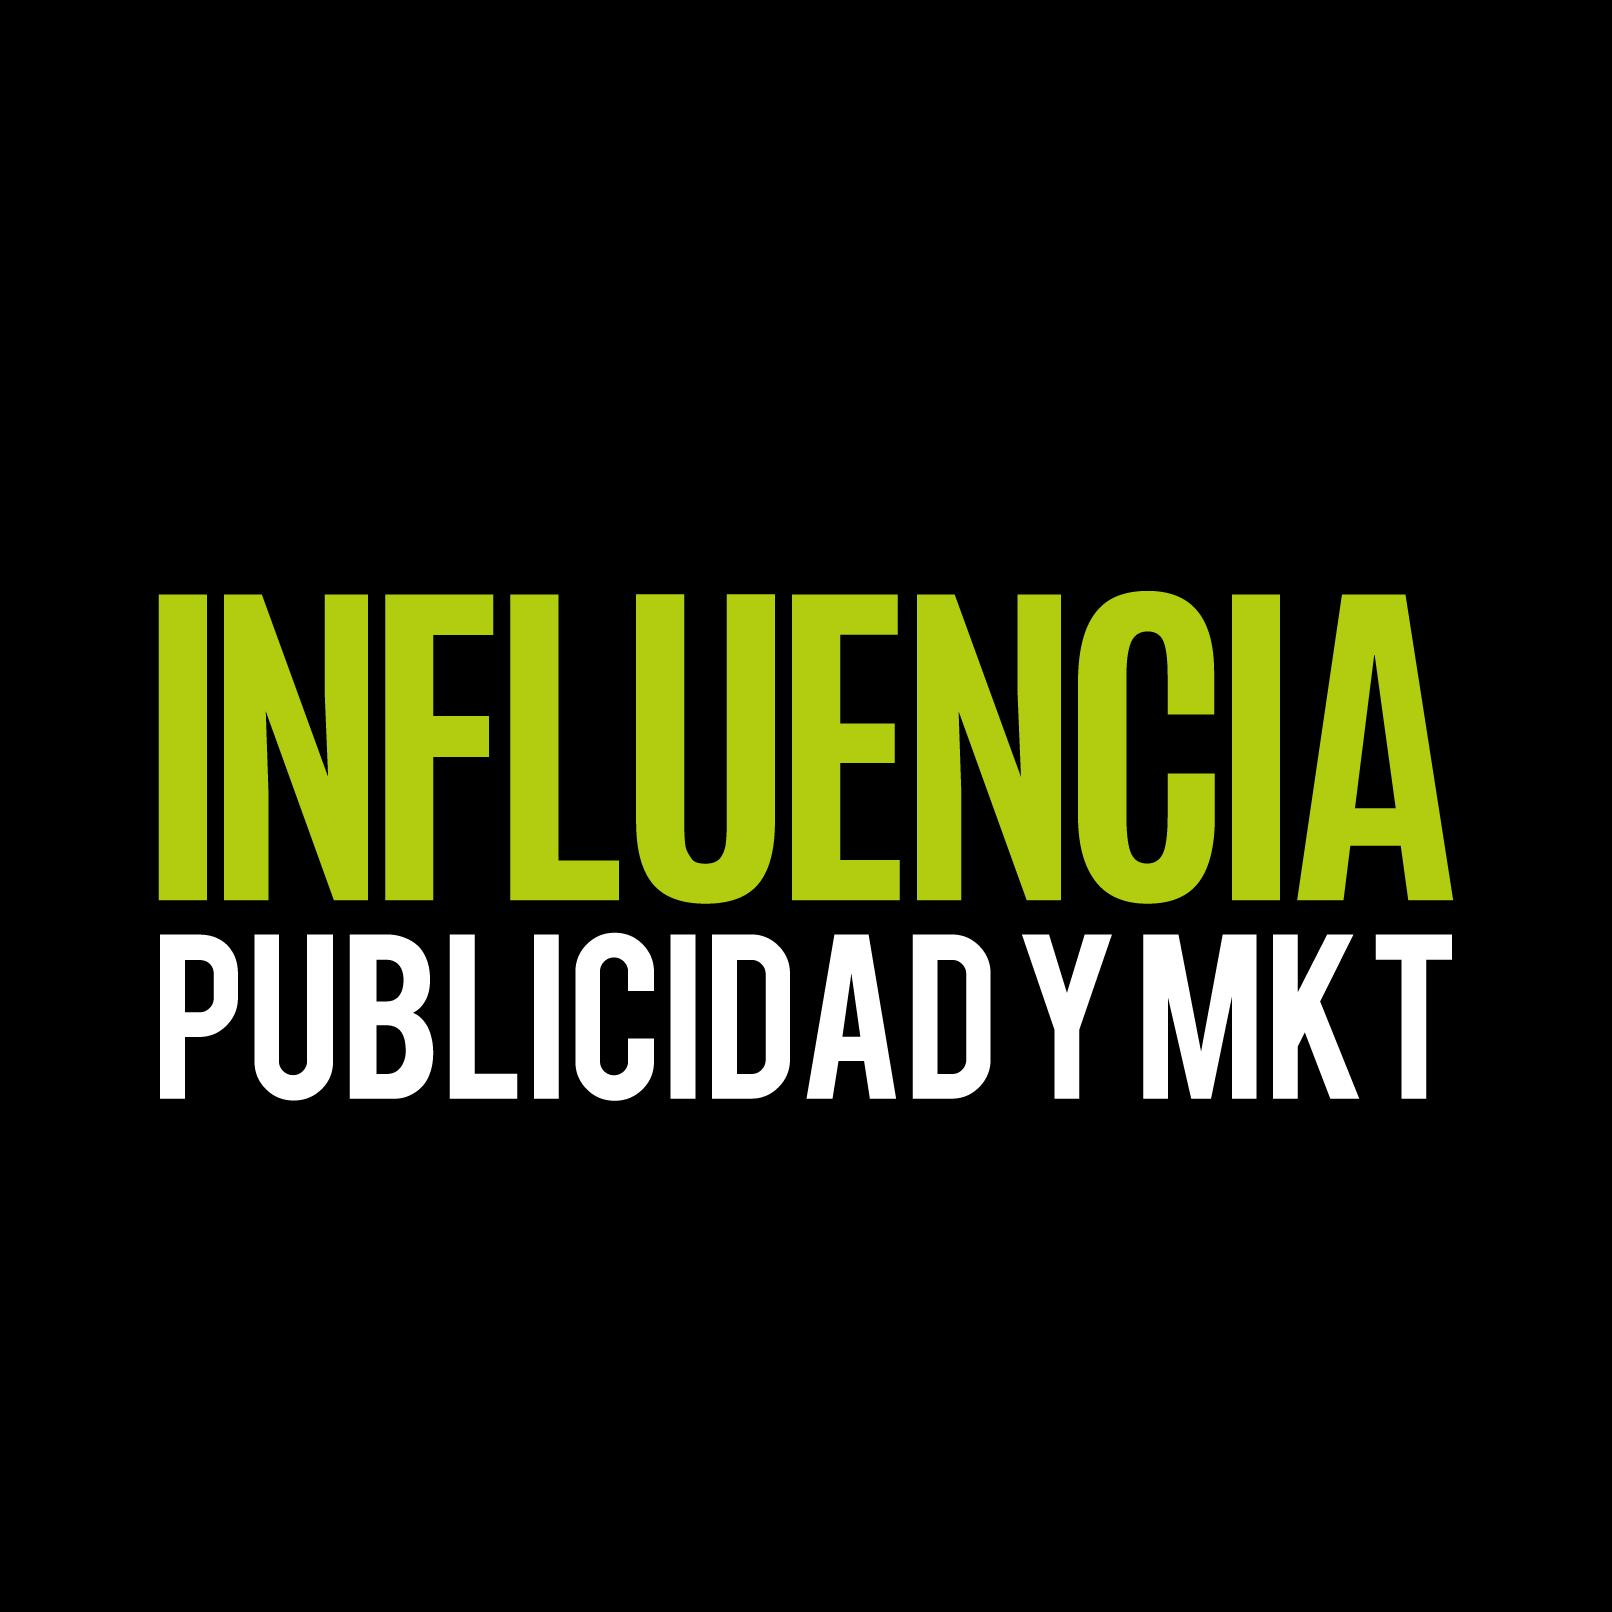 INFLUENCIA PUBLICIAD